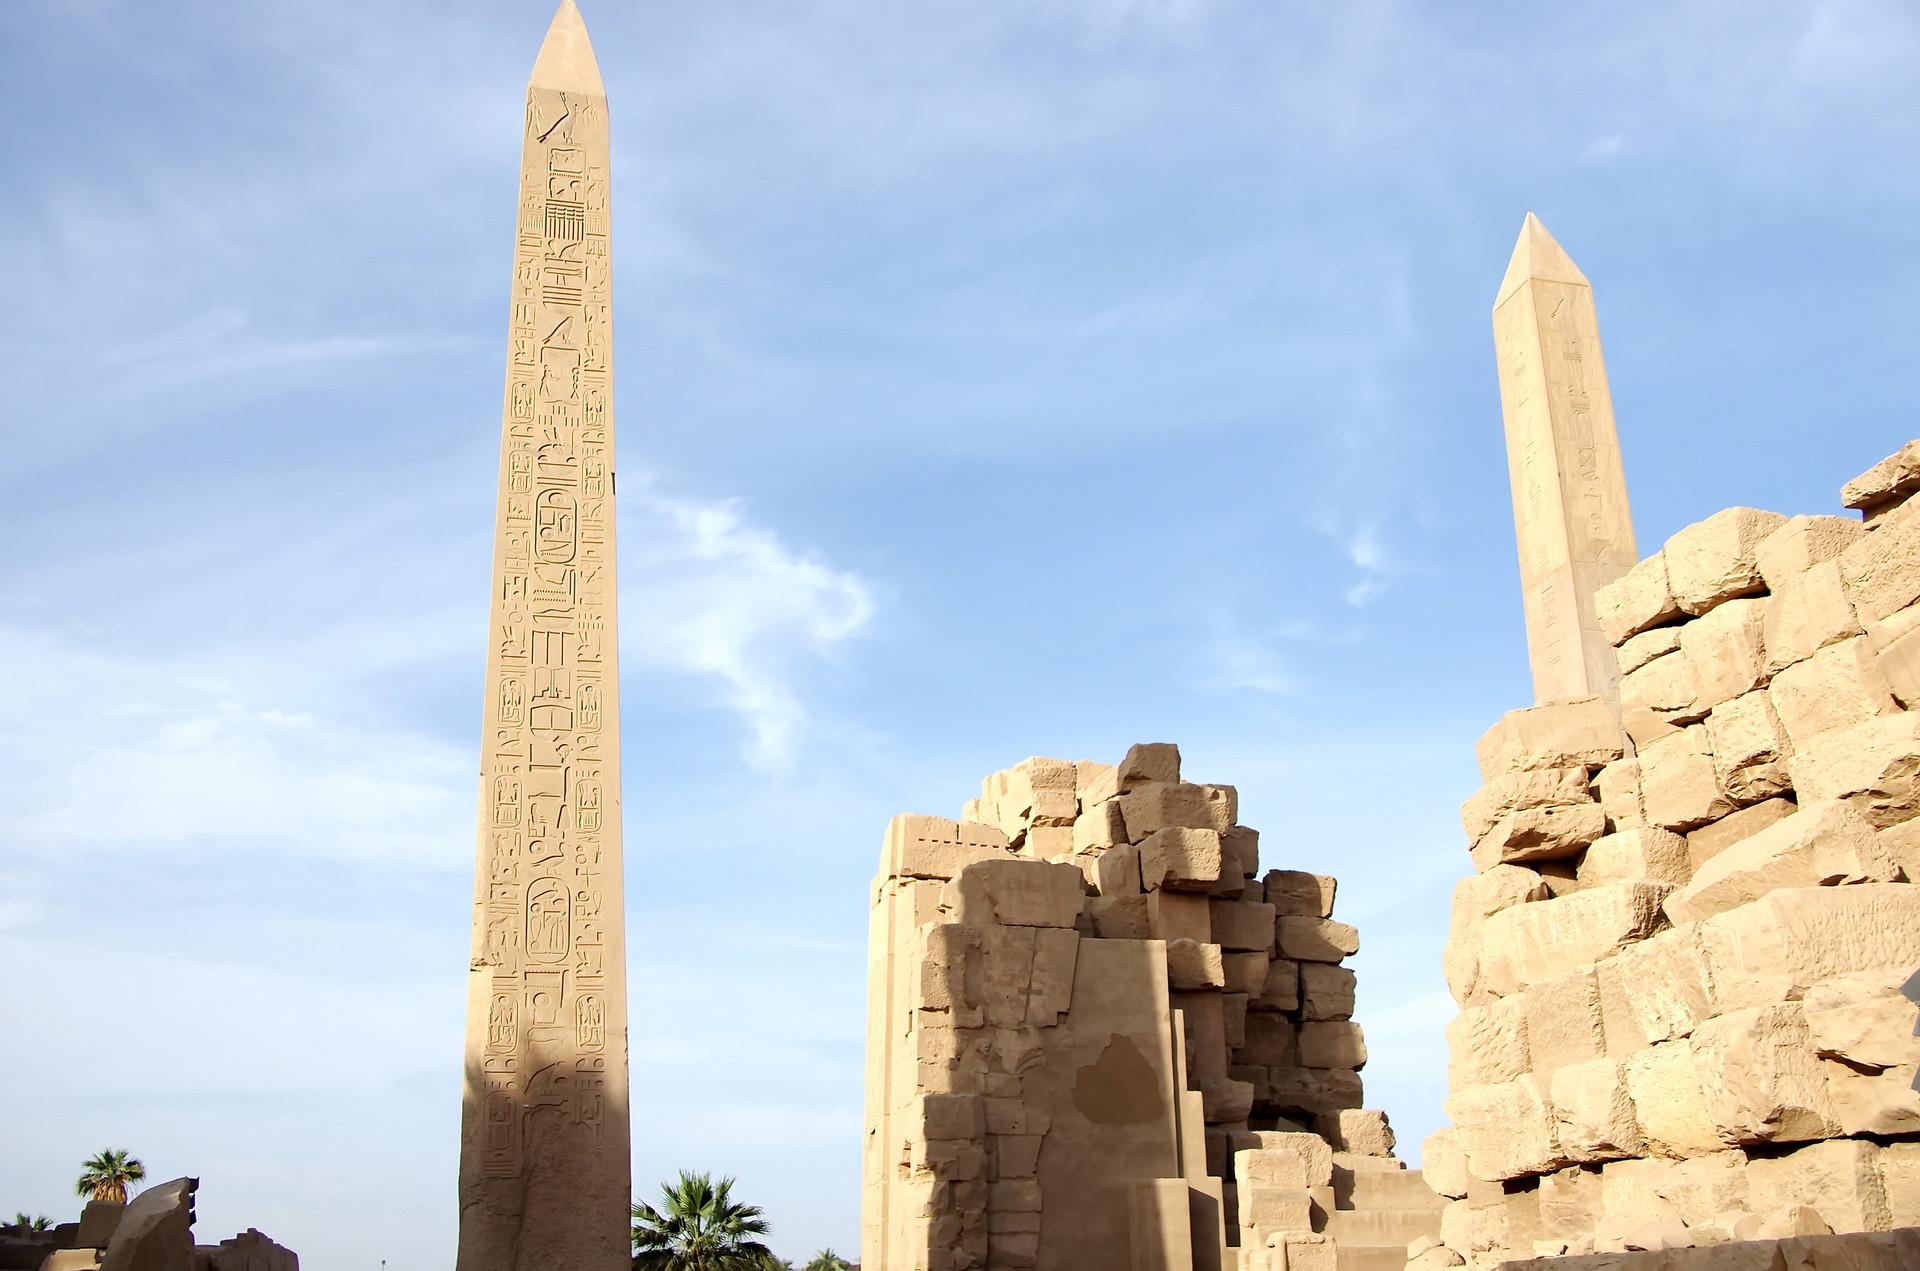 オベリスク 古代エジプト 記念碑 モニュメント